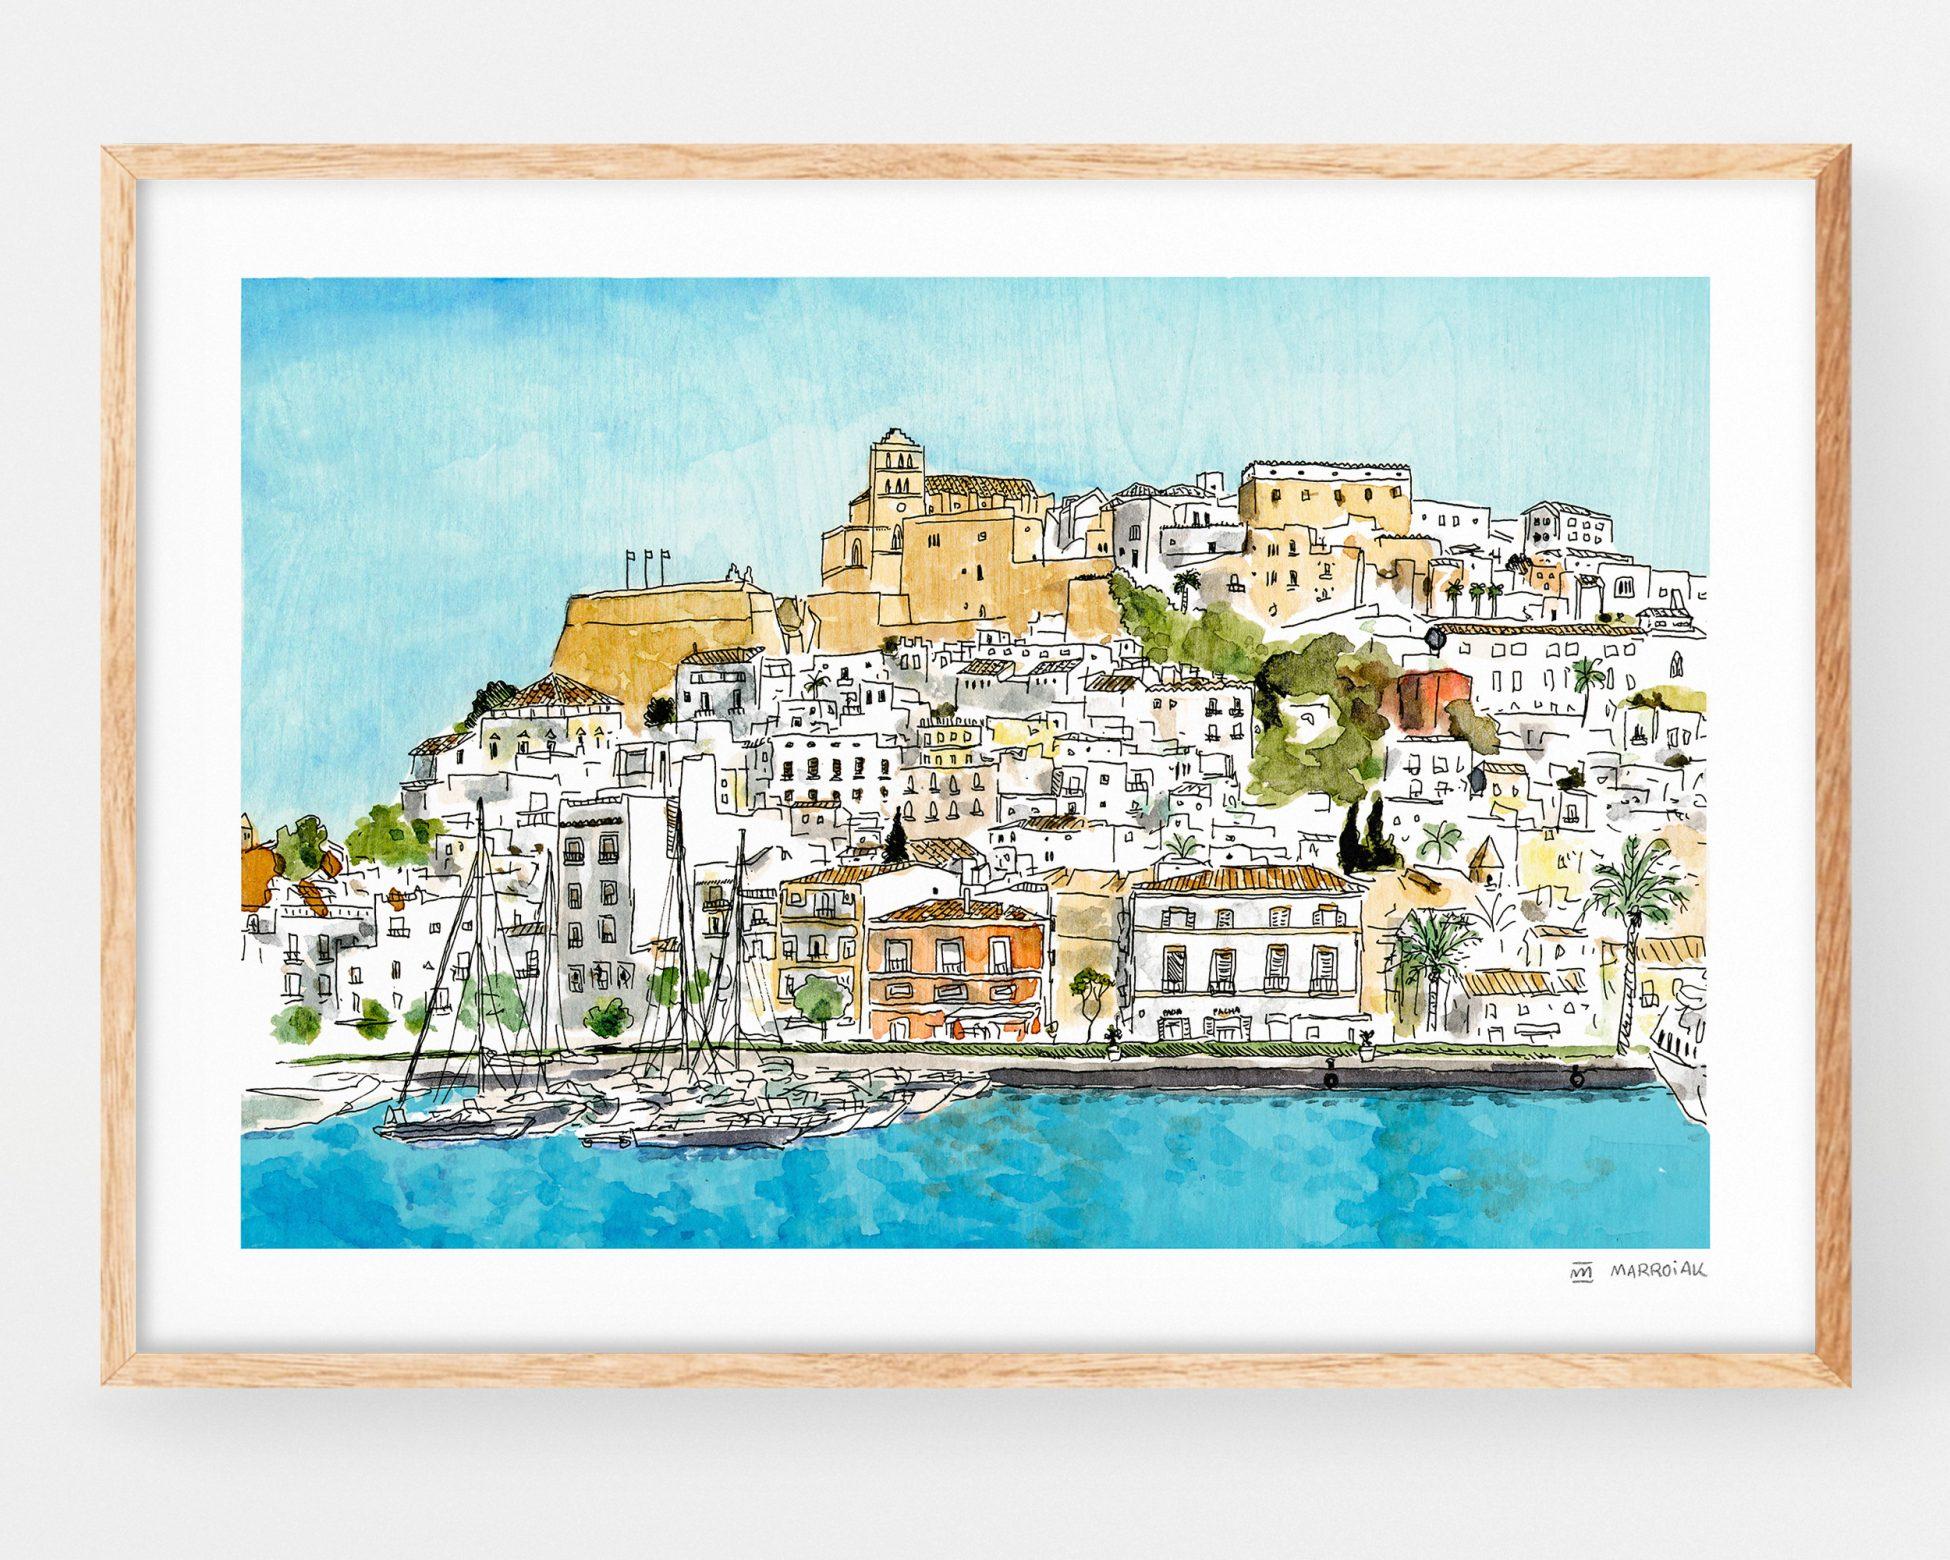 Cuadro decorativo de ibiza con un dibujo de Dalt Vila. Ilustracion en acuarela y tinta sobre papel. Islas Baleares España